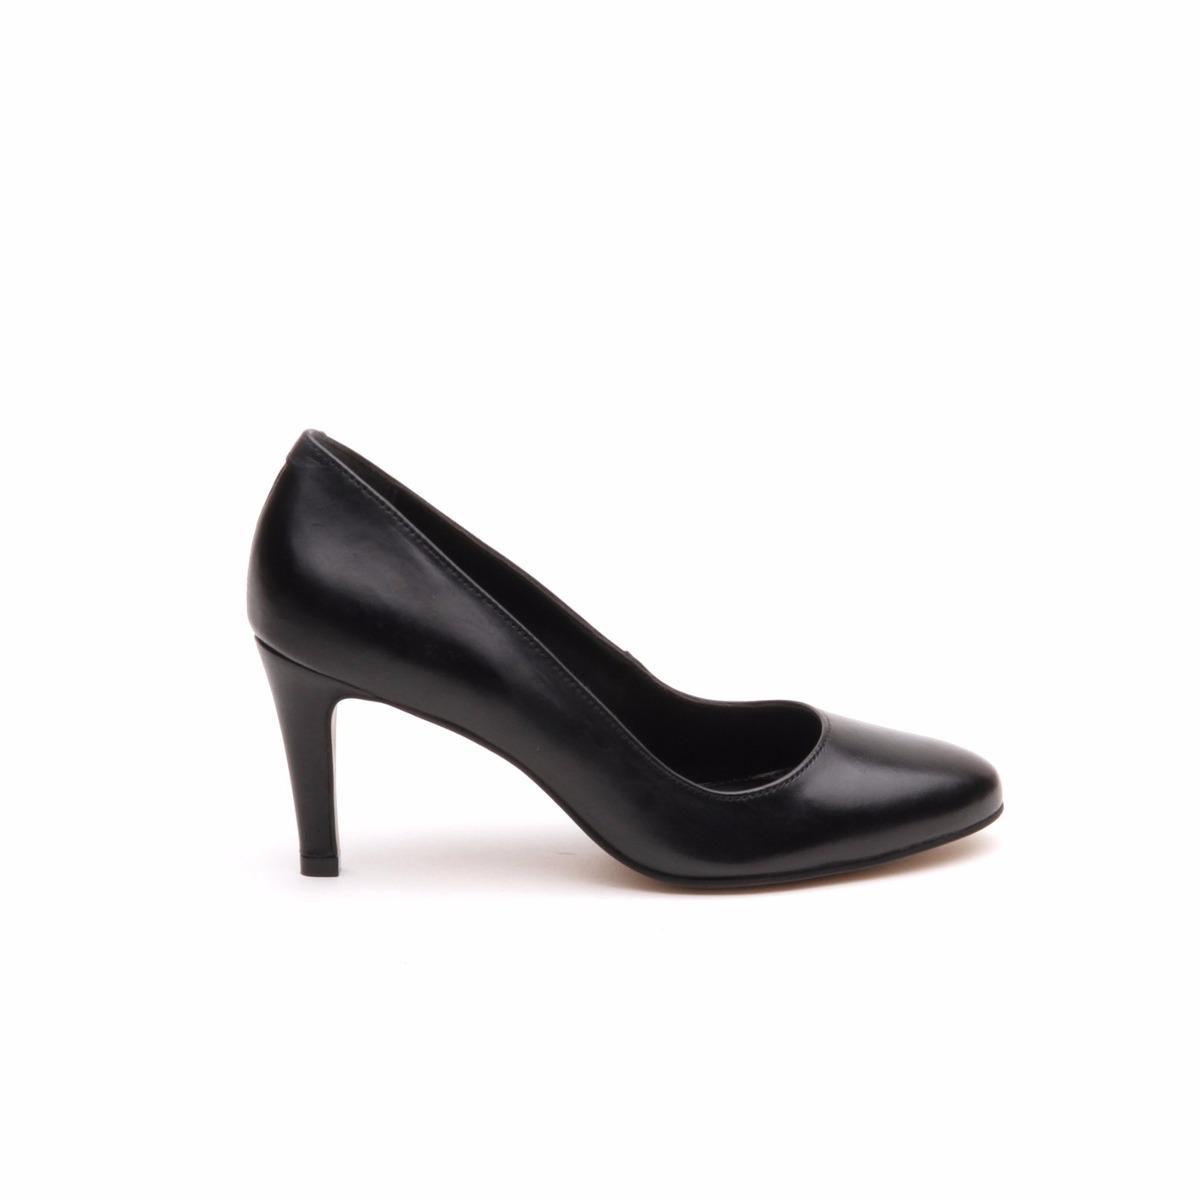 diseño innovador a777e 2be40 Lady Stork Desire - Zapato De Vestir Cuero Mujer Taco Medio